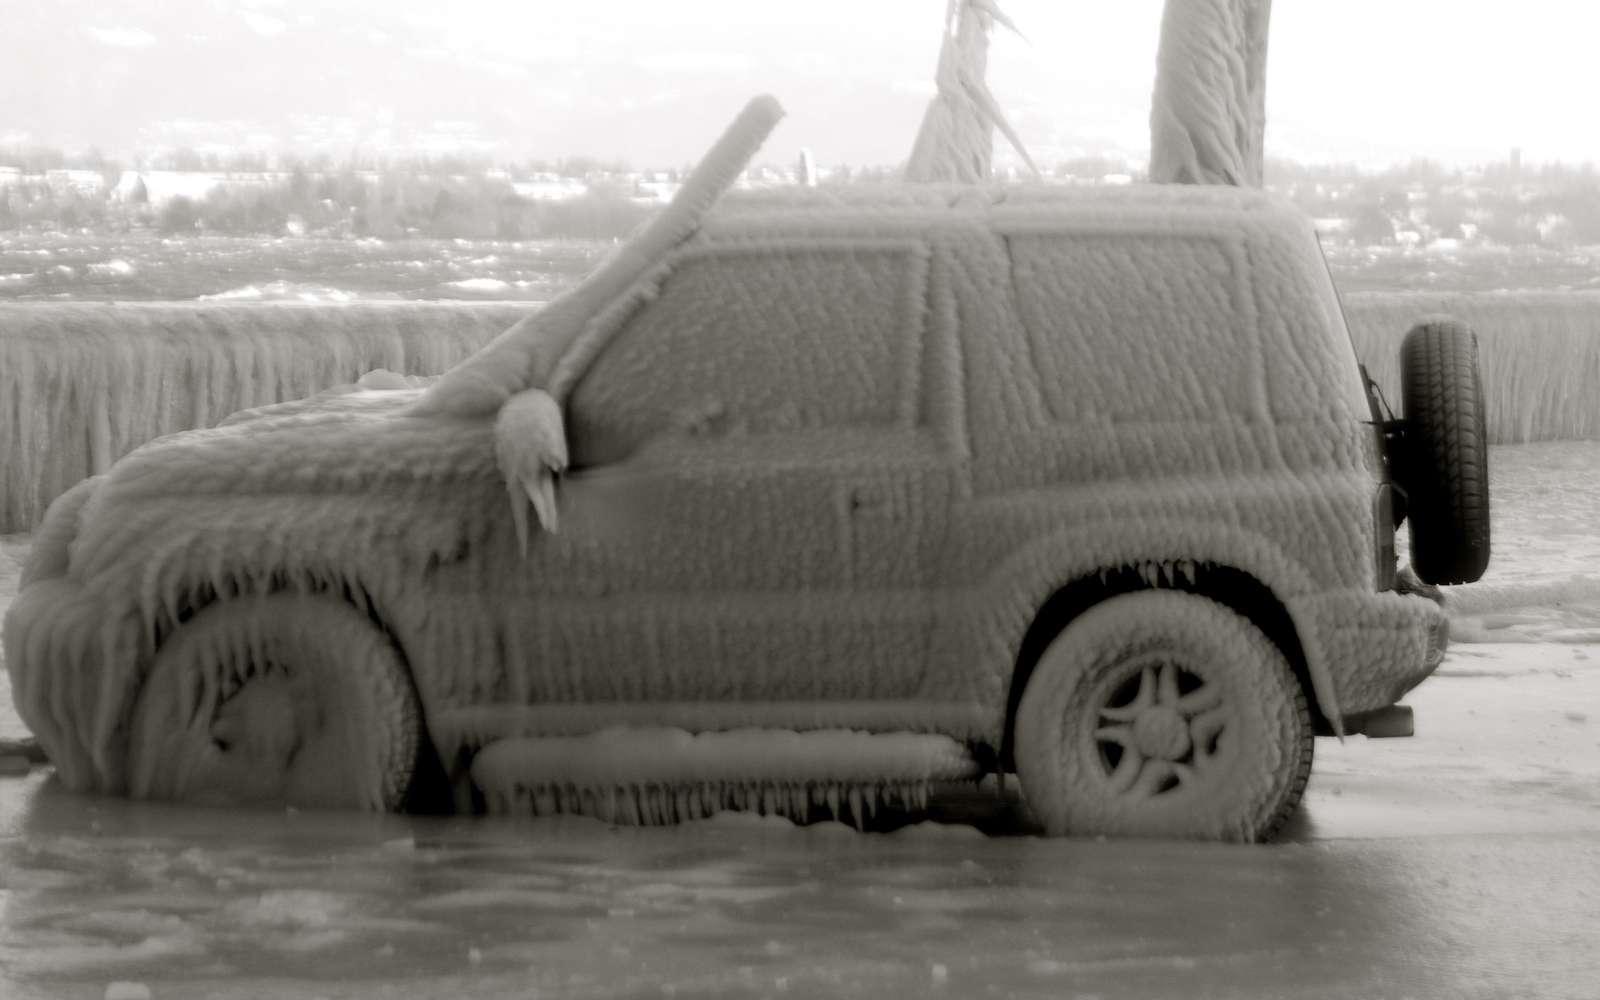 L'année 2012 est la neuvième la plus chaude depuis 1850. Le climat n'aura pas été très clément : on a observé plus d'événements météo extrêmes que la moyenne, avec sécheresses et inondations intenses et inhabituels, activité cyclonique importante, fonte exceptionnelle de l'Arctique... © UNISDR Photo Gallery, Flickr, cc by nc nd 2.0